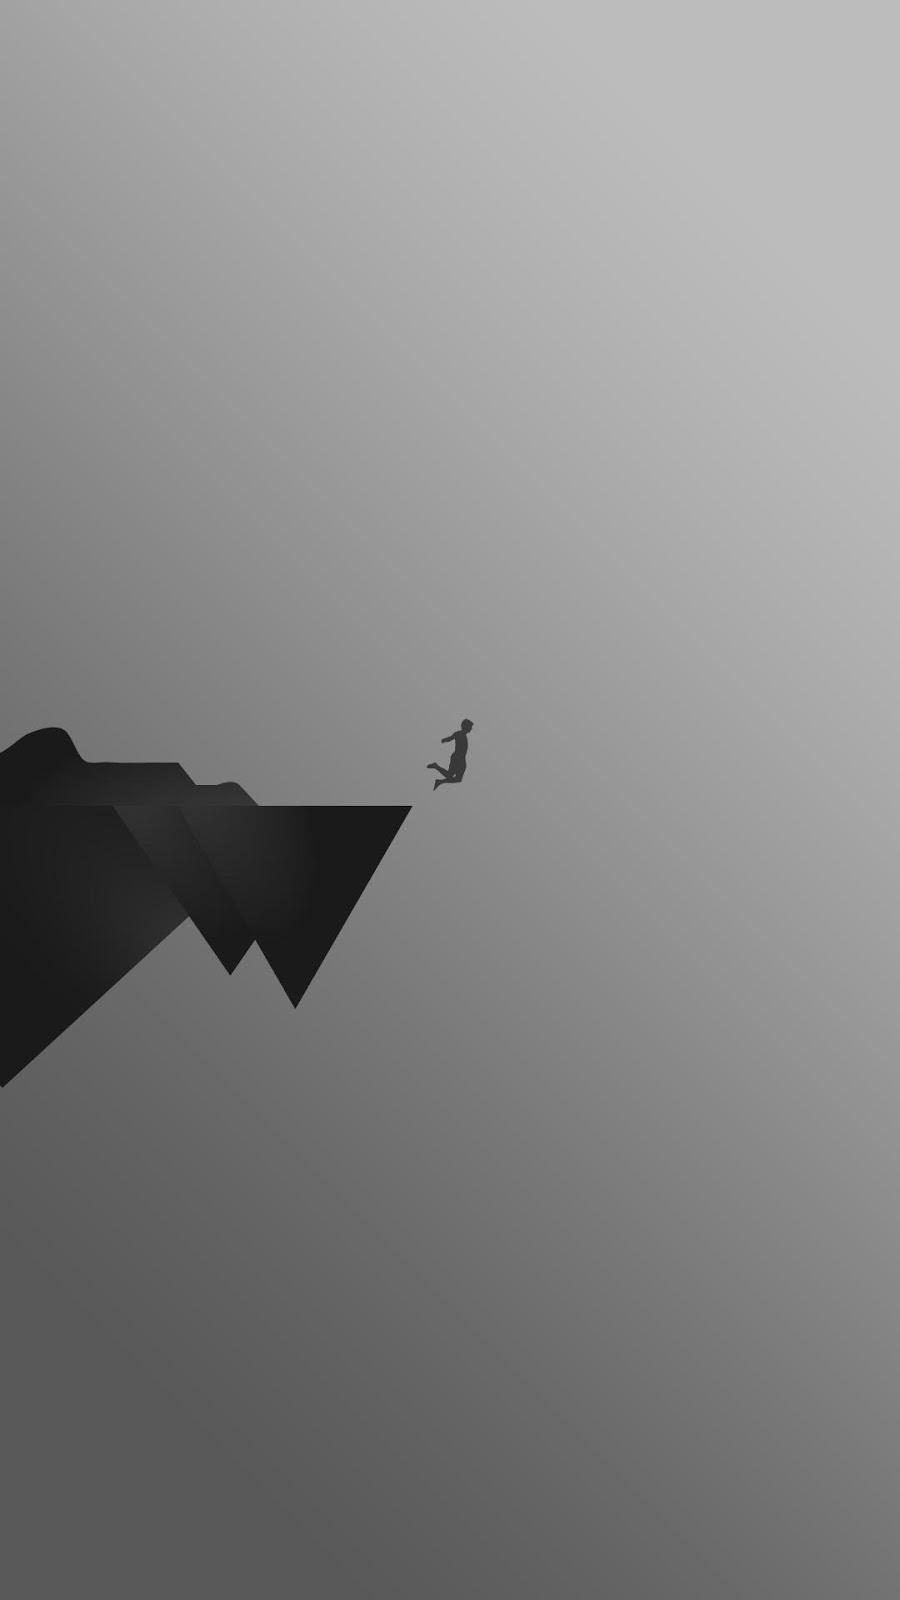 jump jumping